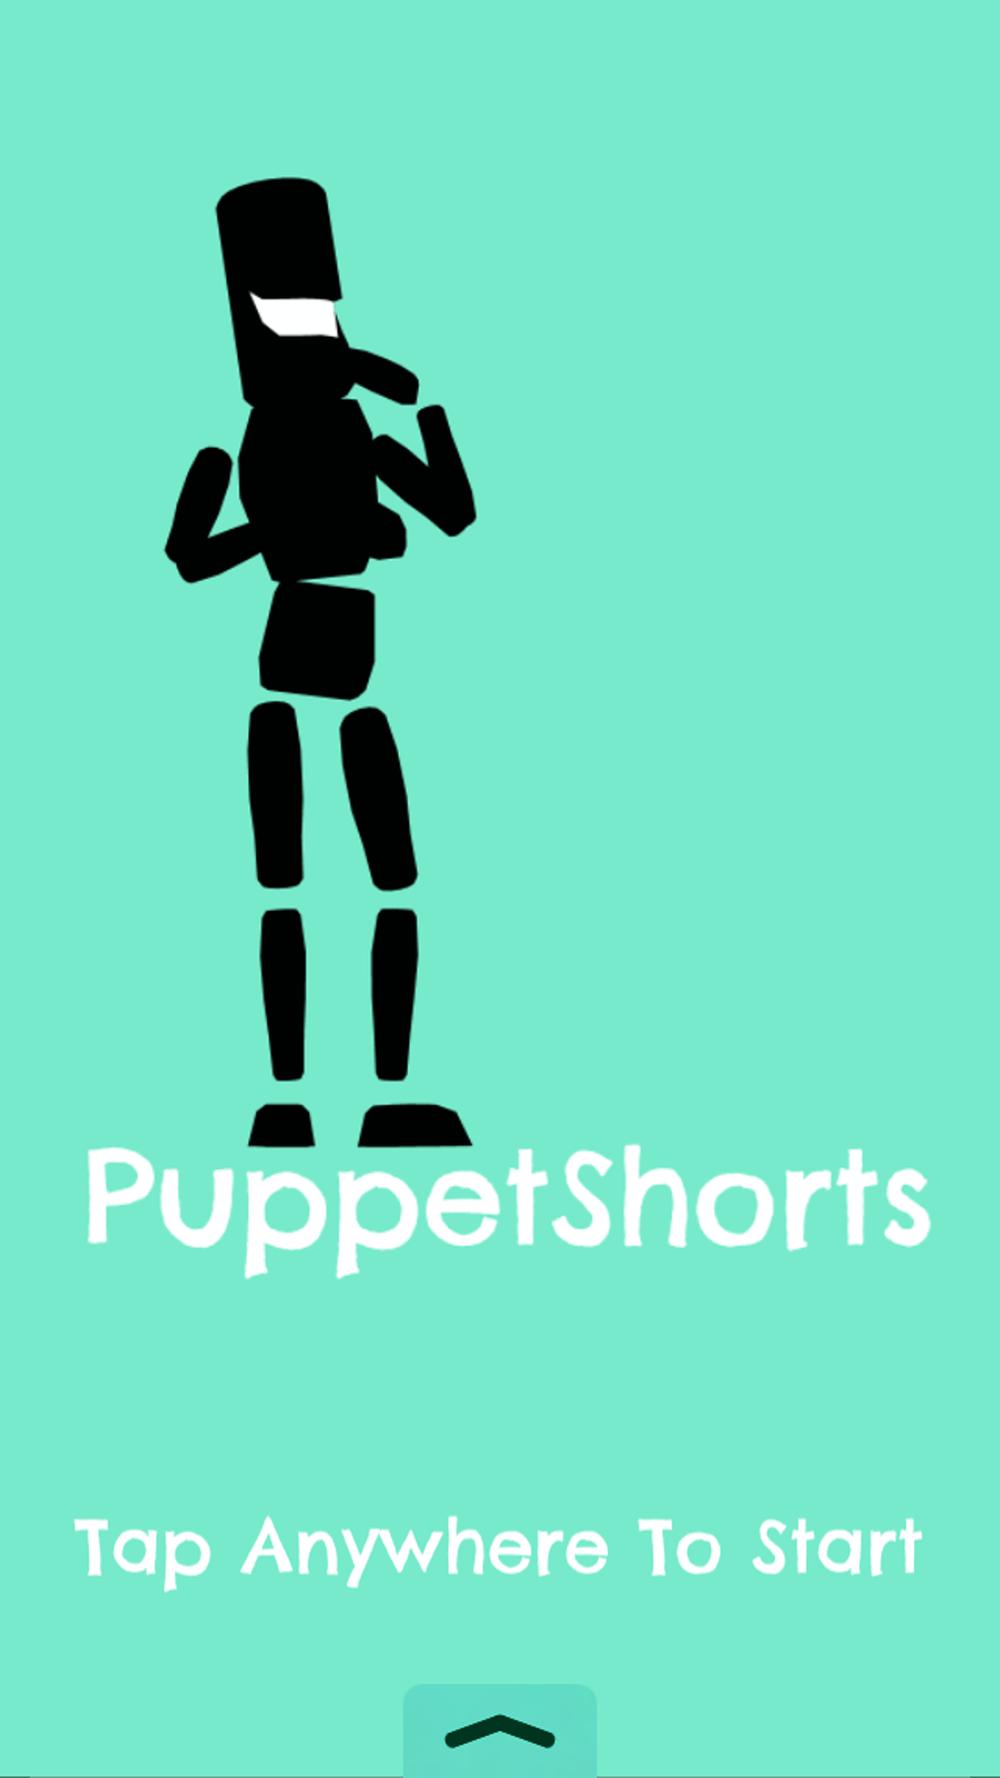 PuppetShortsPhoneScreen01.png